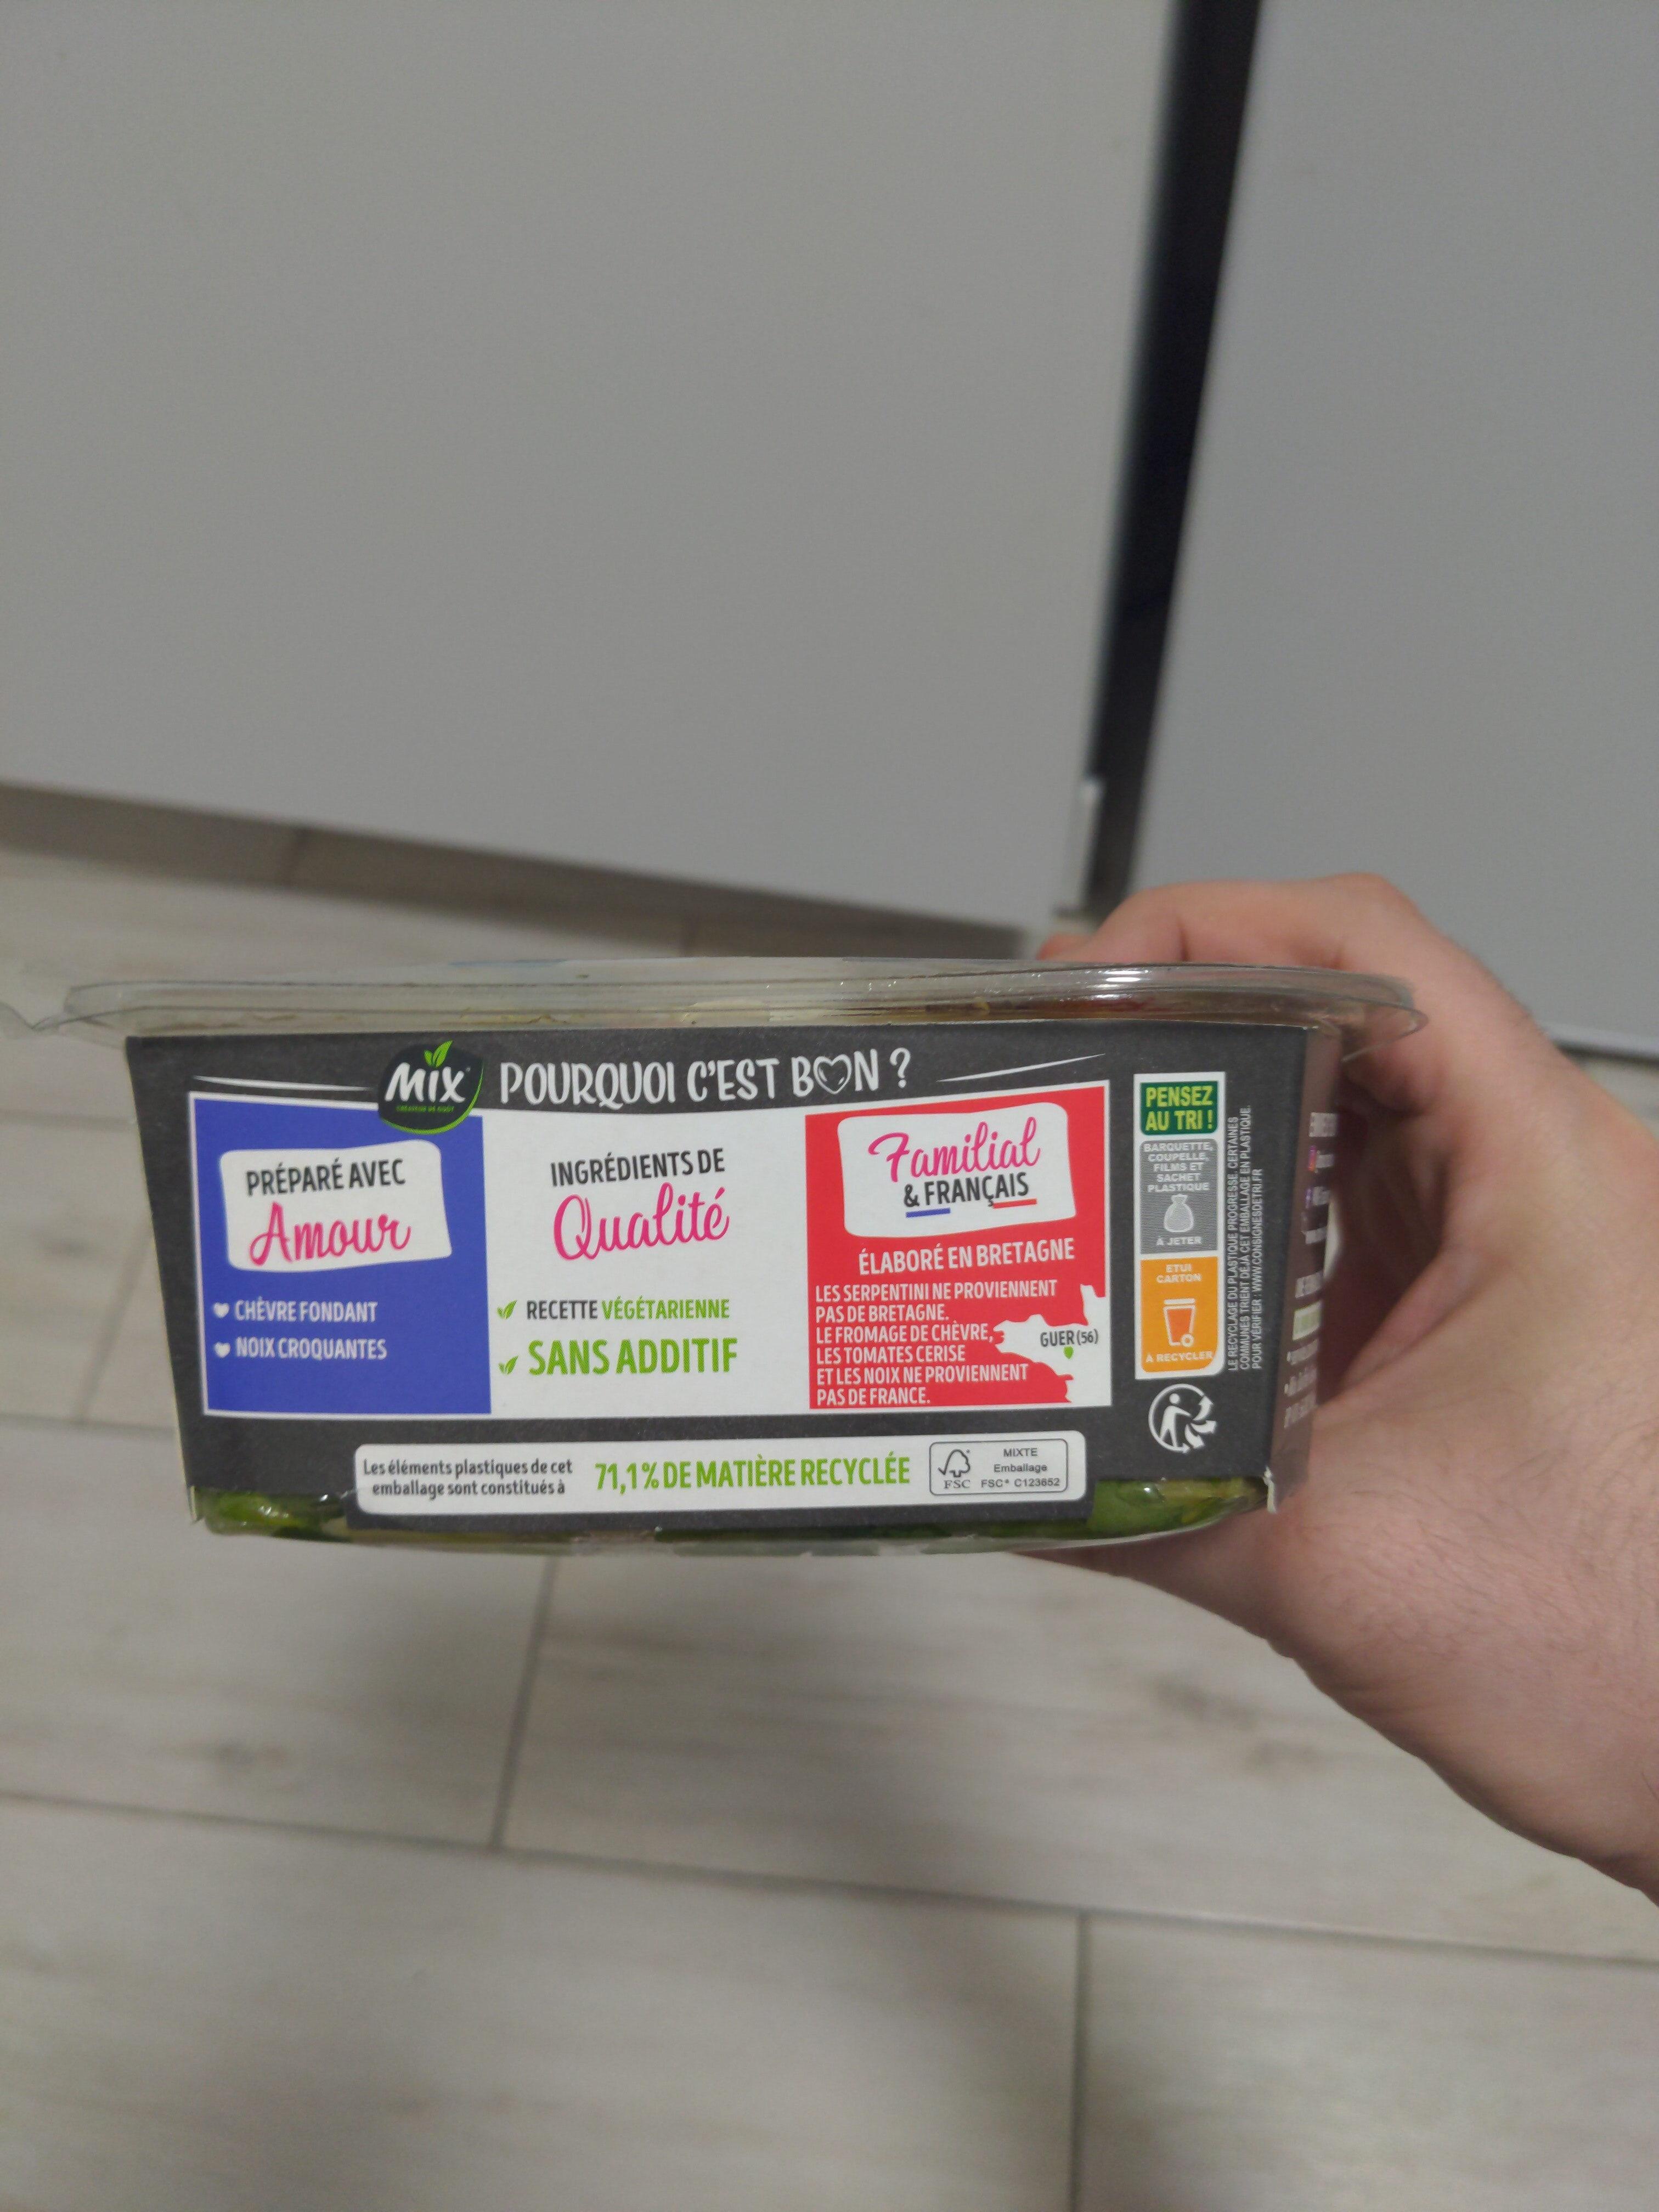 Salade Bol Chèvre Mix - Instruction de recyclage et/ou informations d'emballage - fr